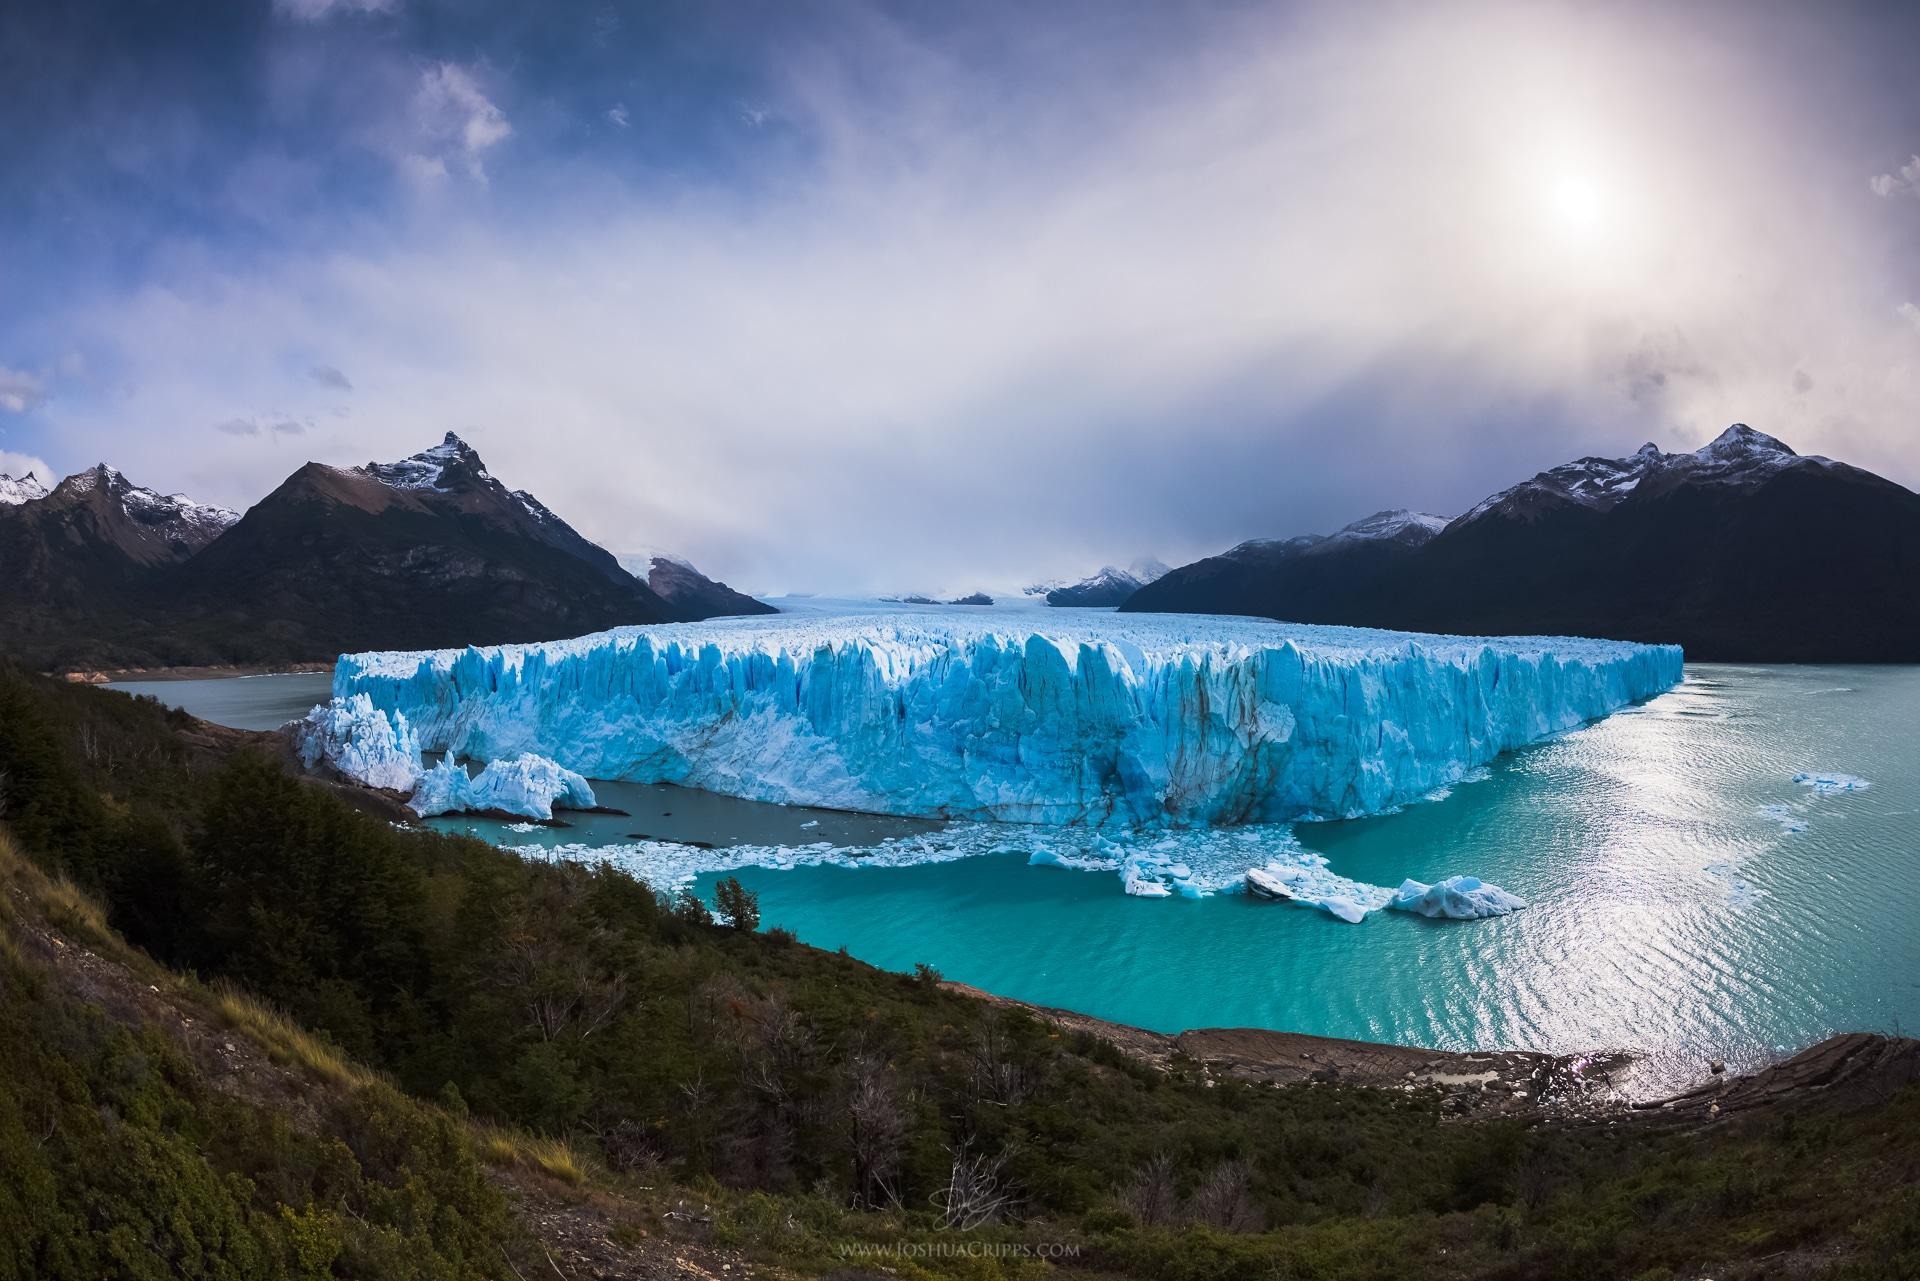 Perito-Moreno-Glacier-Argentina-Los-Glaciares